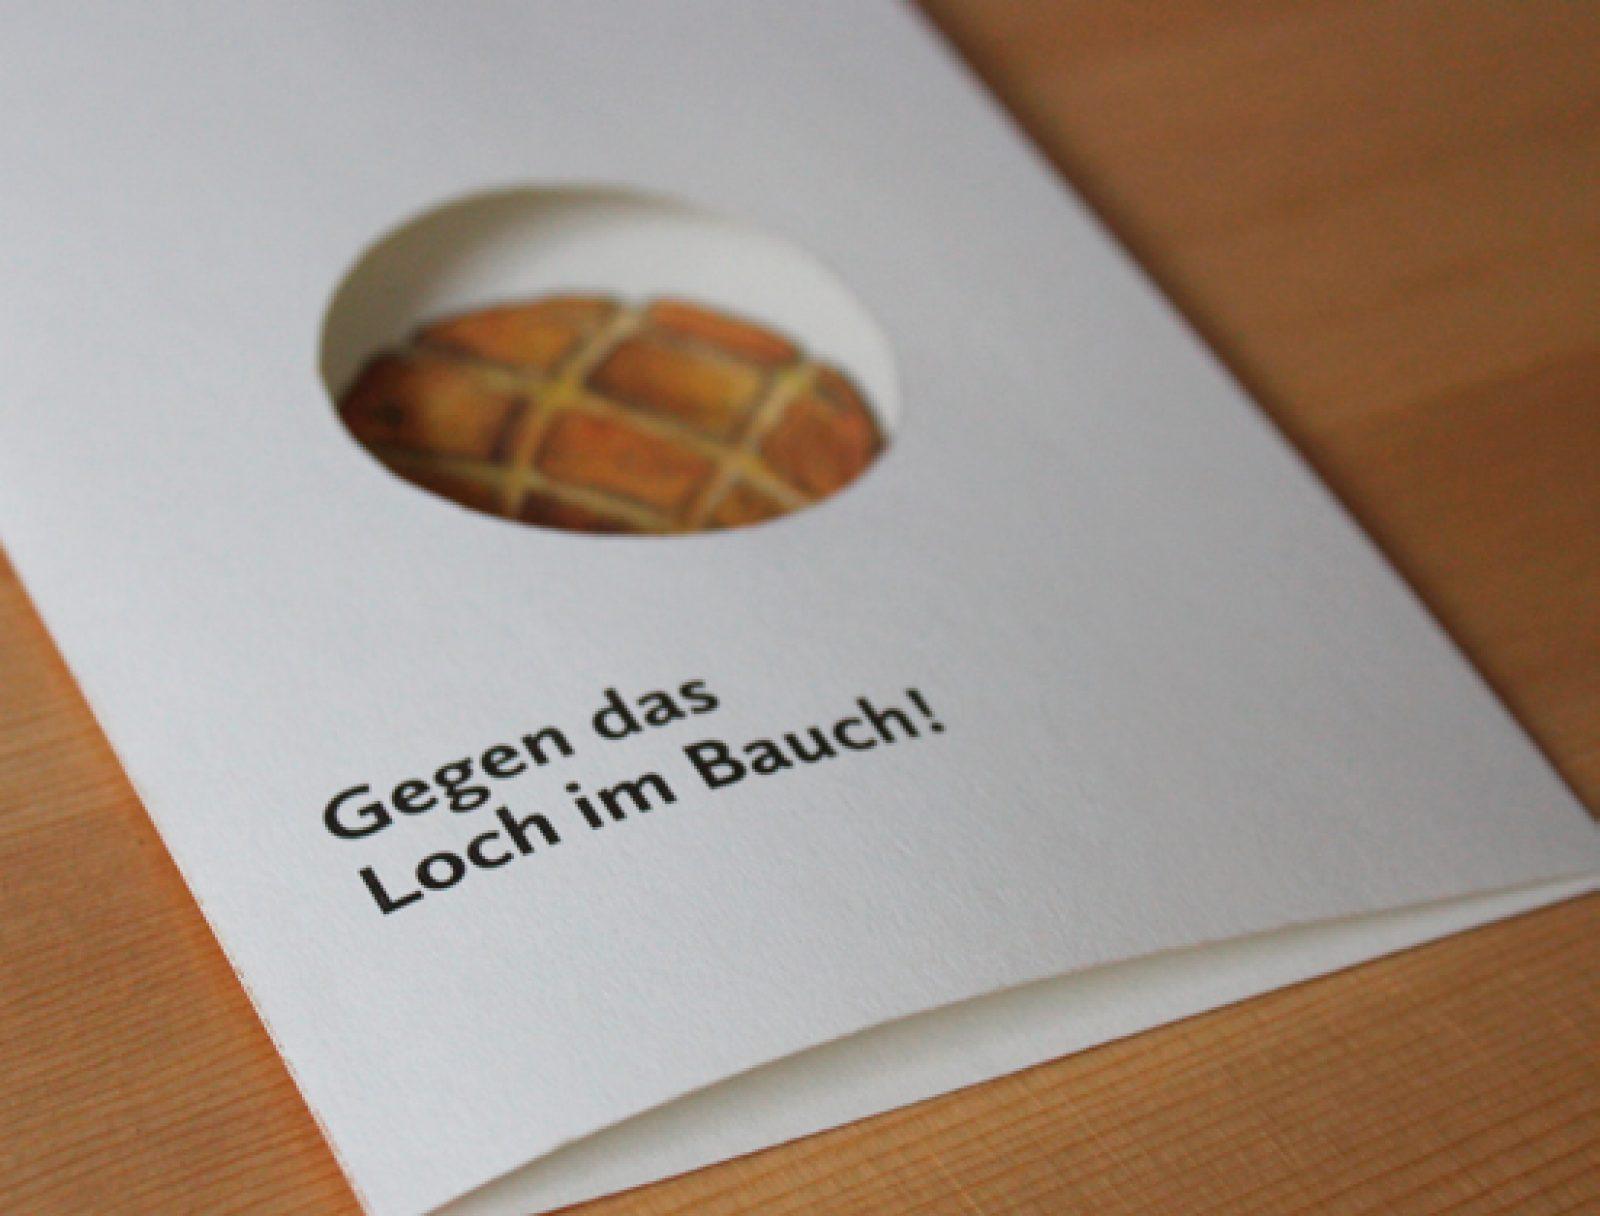 GegendasLochimBauch_06